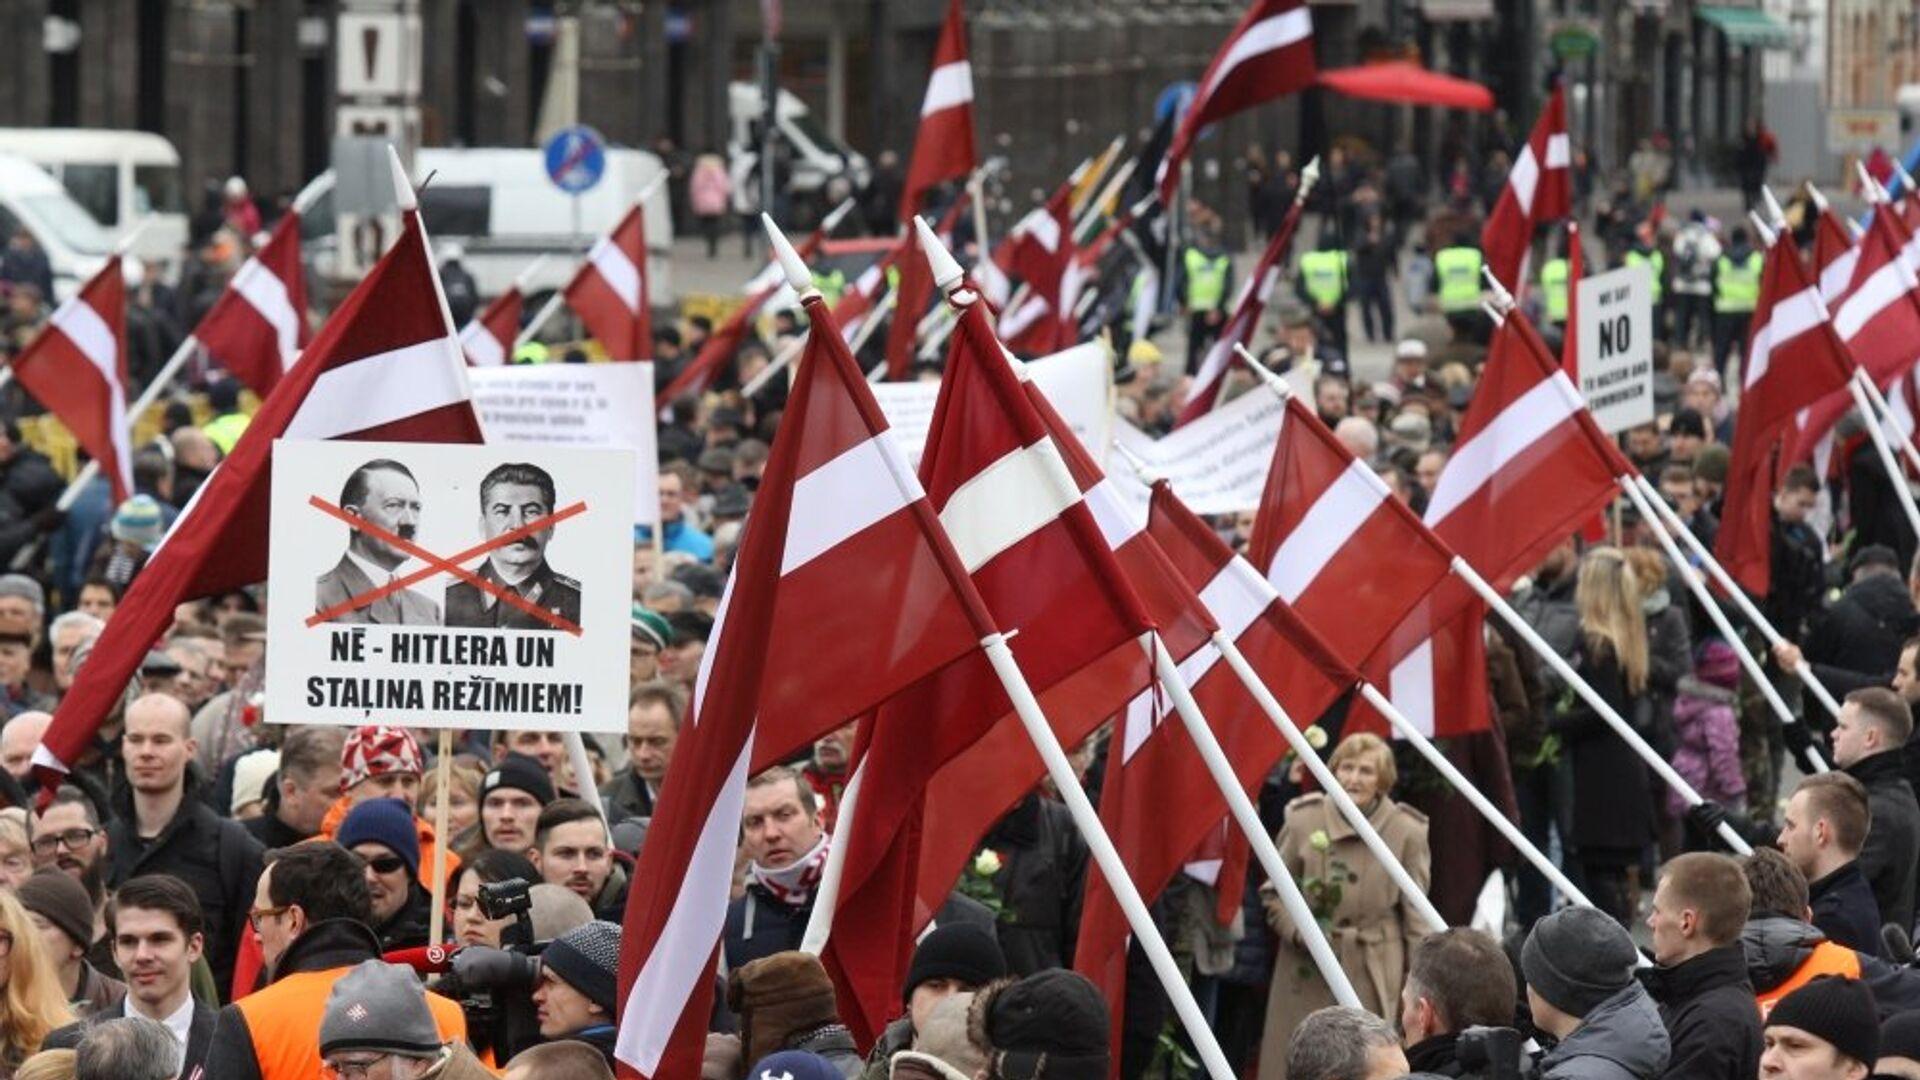 Шествие легионеров Ваффен СС и их сторонников в Риге - Sputnik Латвия, 1920, 08.09.2021